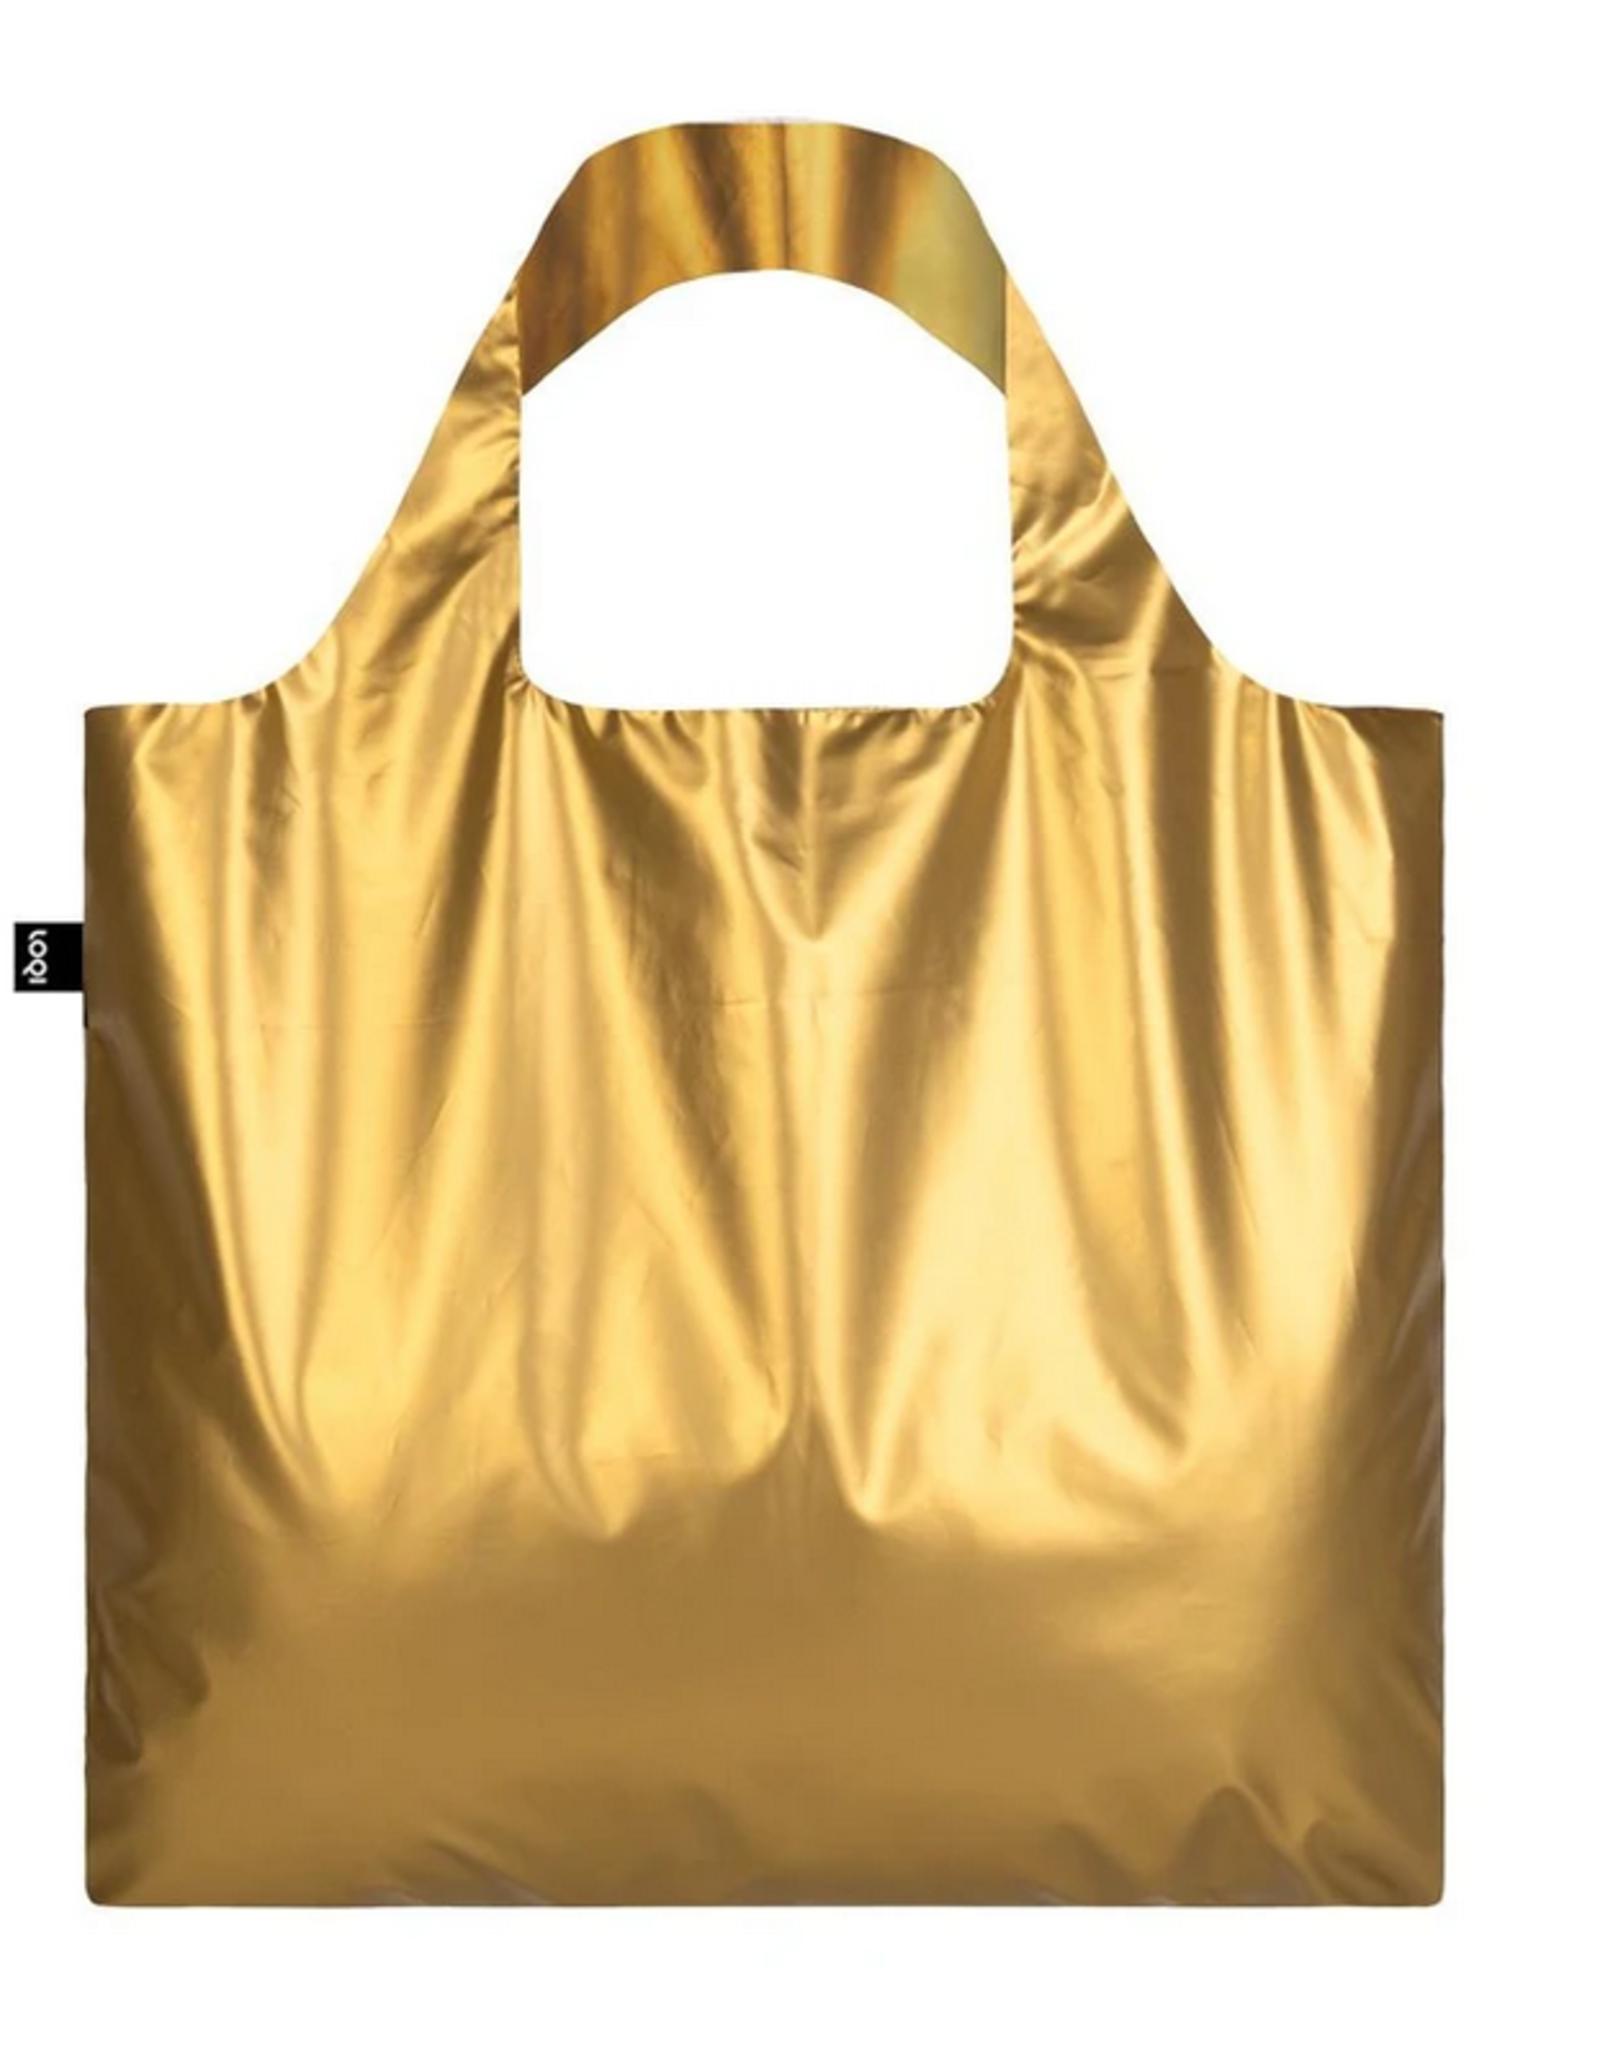 BAG METALLIC GOLD